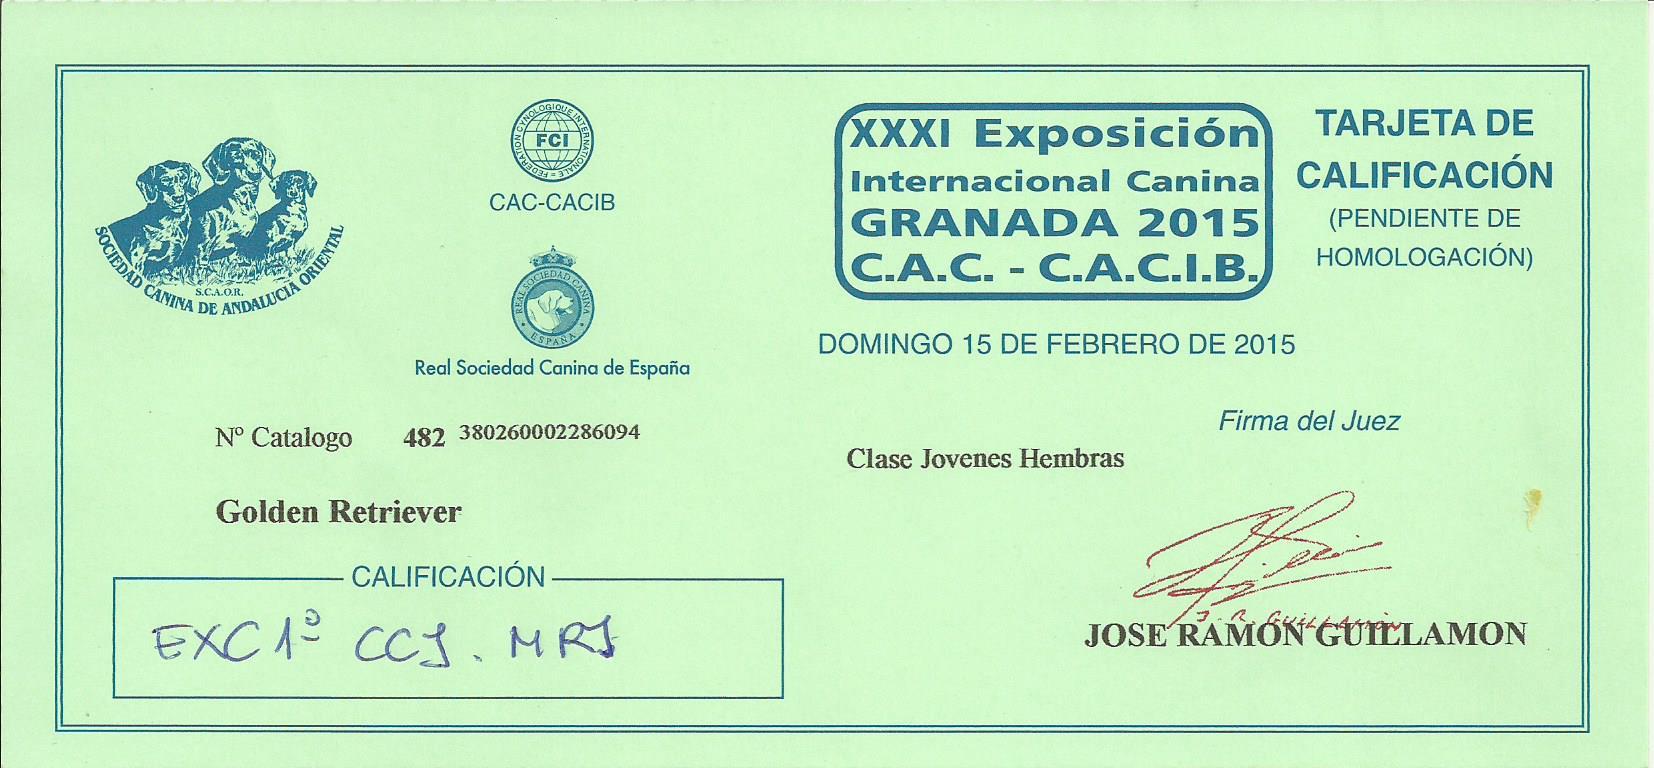 WEB TIARE CC JR GRANADA INTL 2015